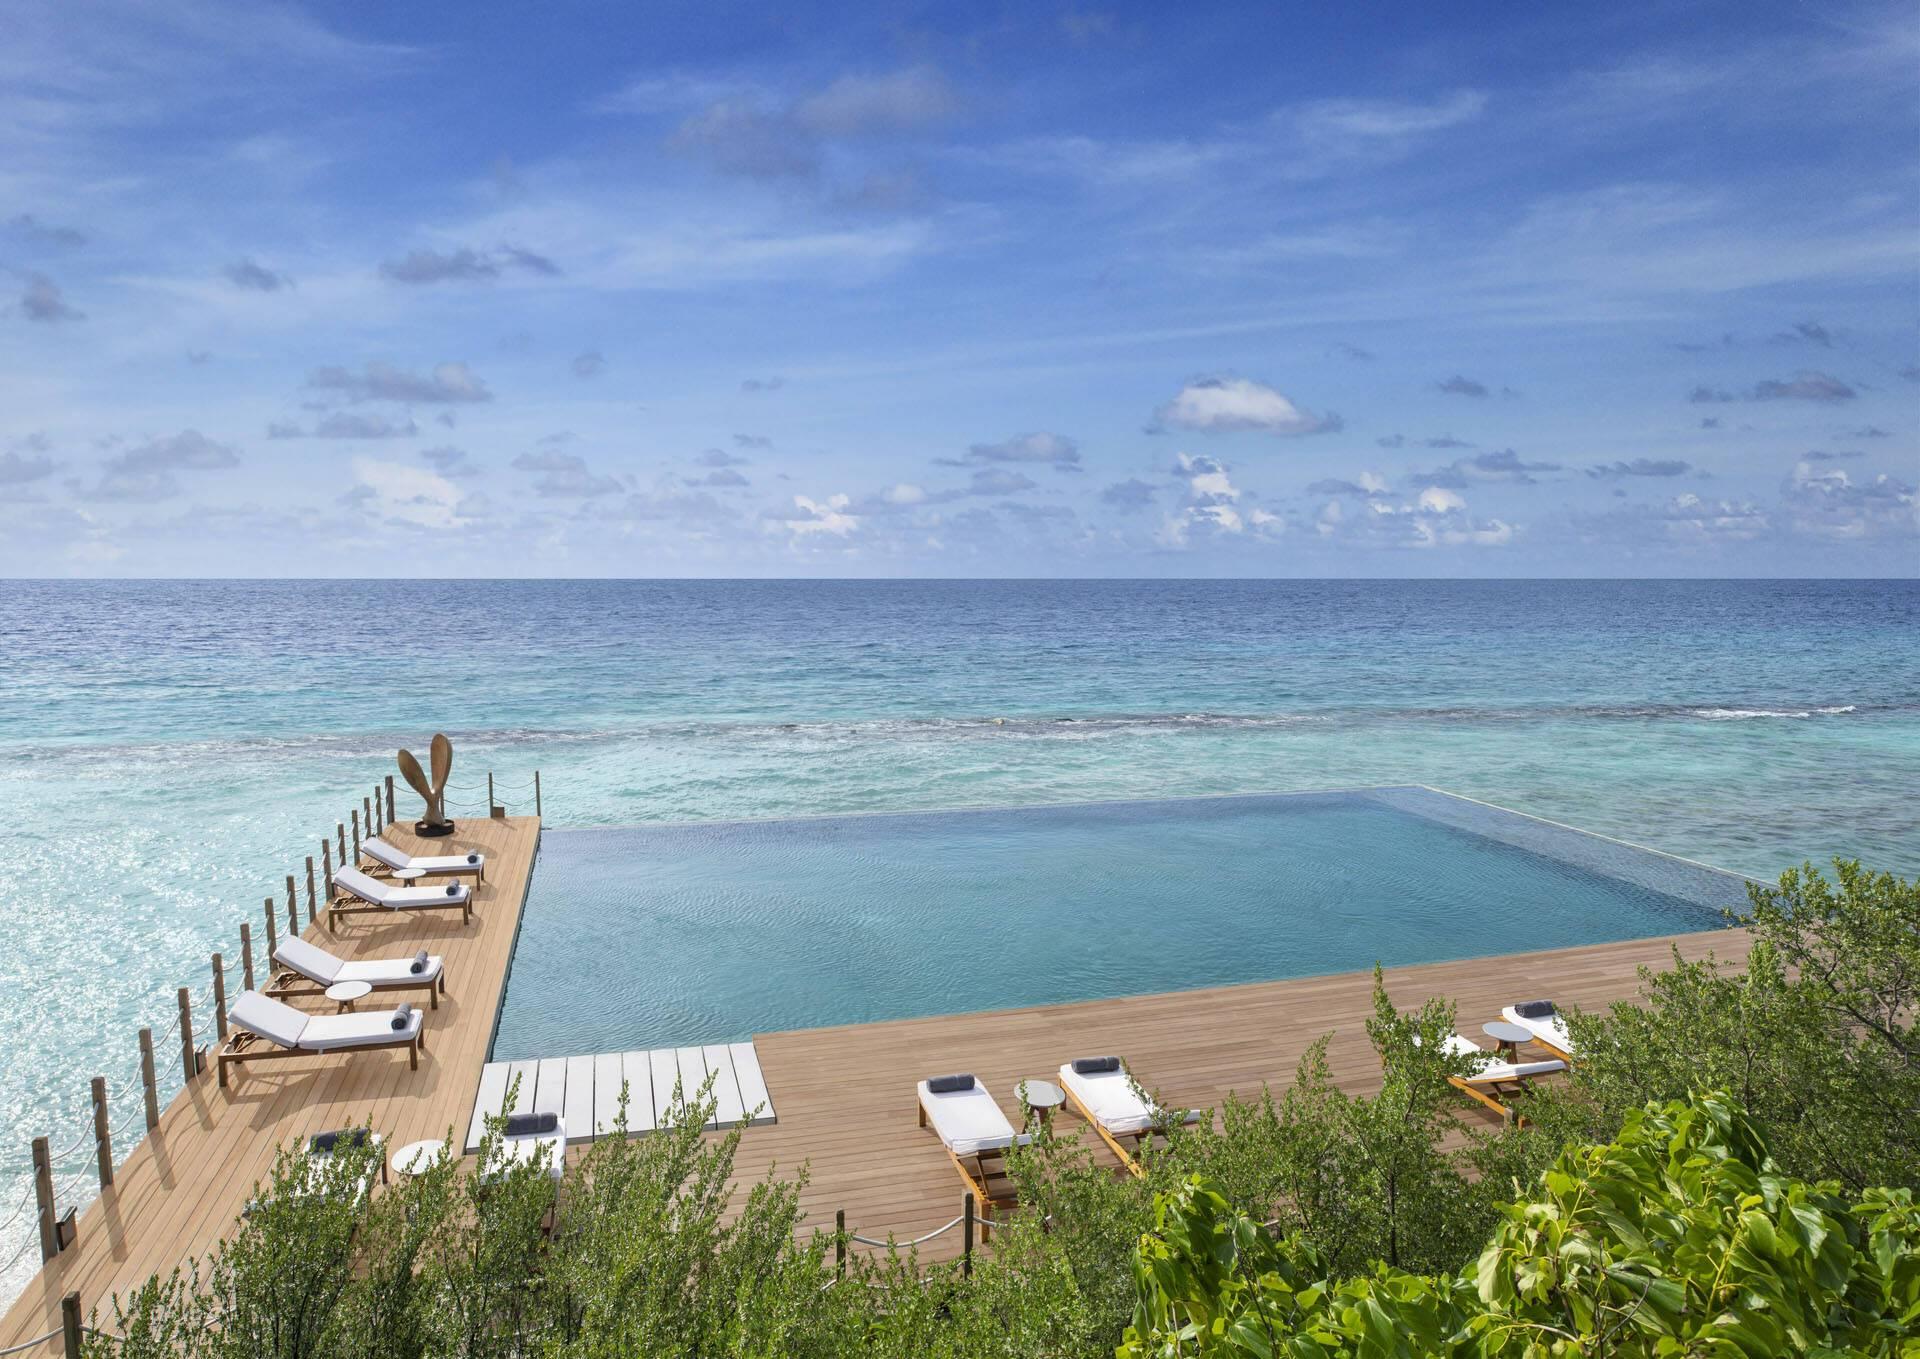 JW Marriott Maldives Piscine